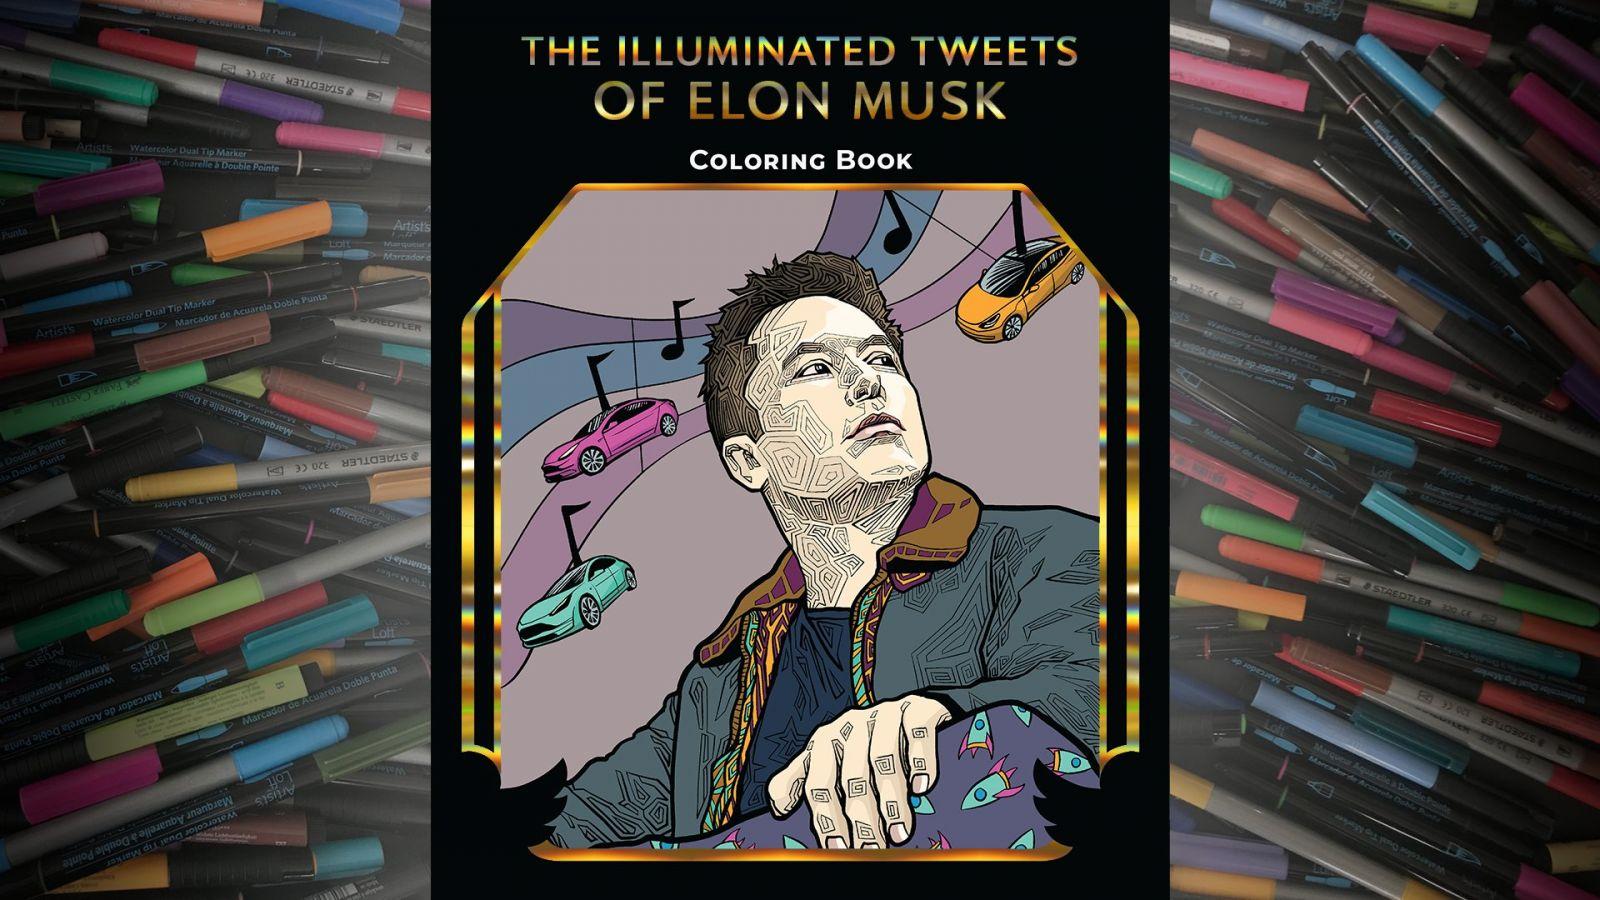 В США выпустили книжку-раскраску по мотивам твитов Илона Маска